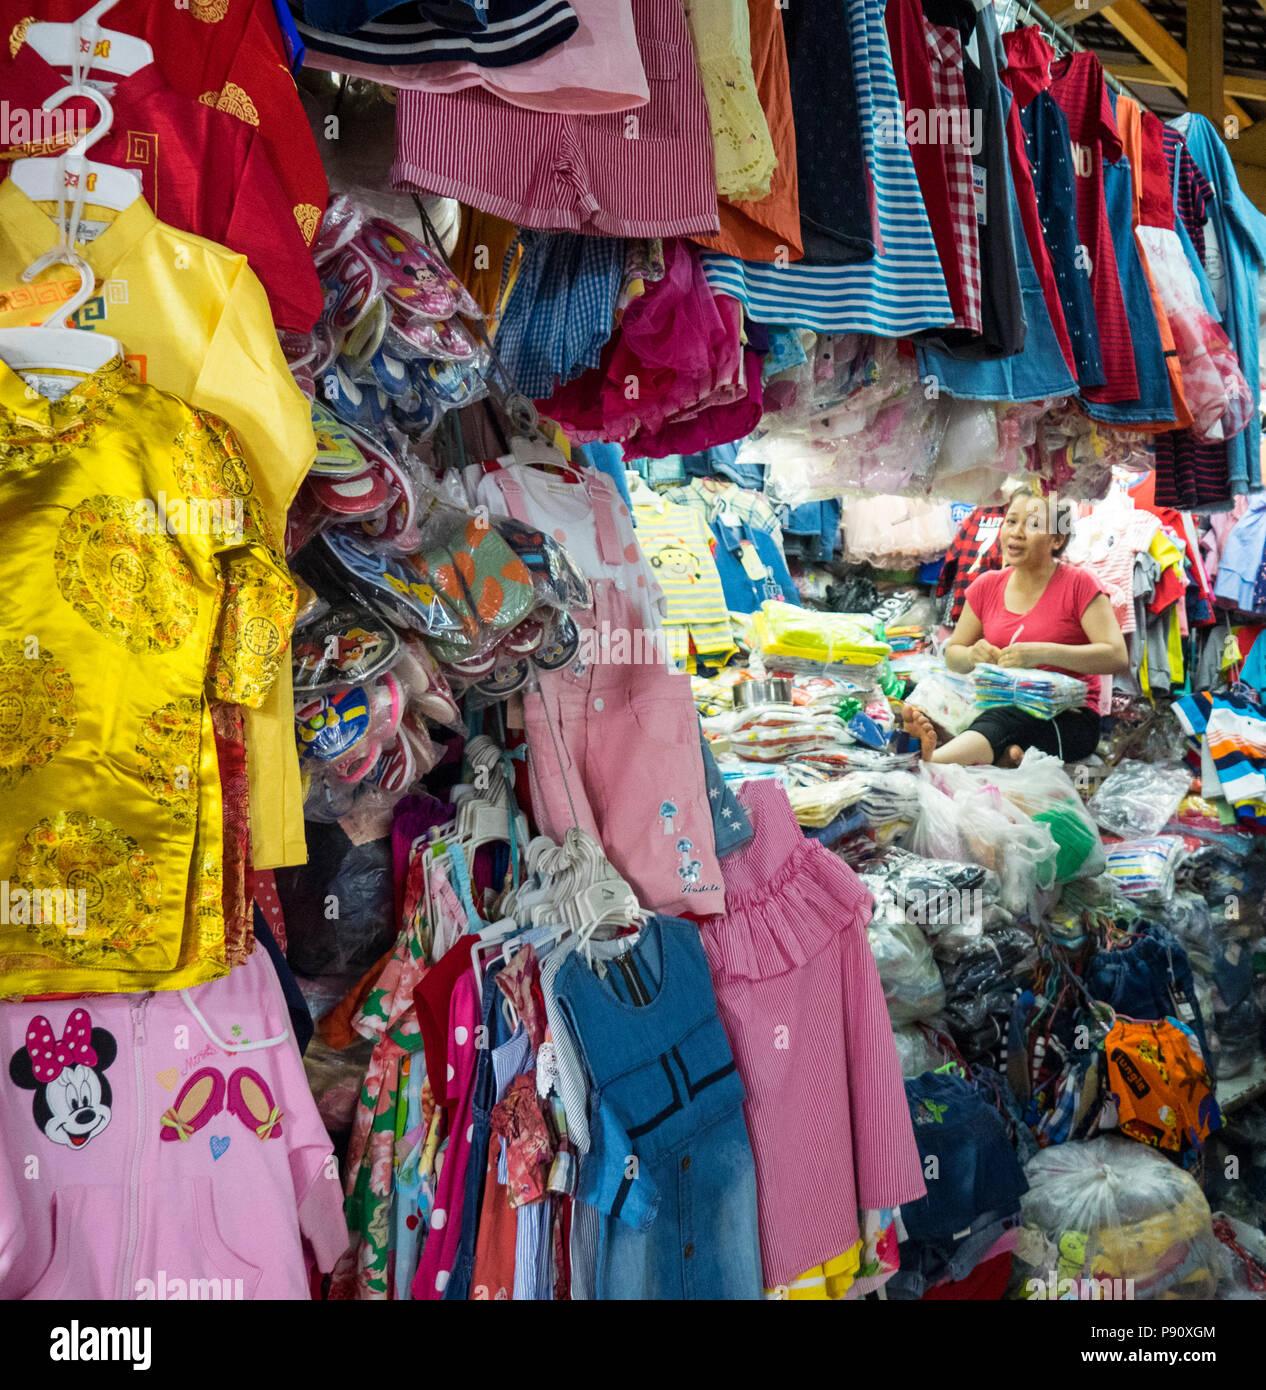 Mujeres Vietnamitas stallholder vendiendo ropa infantil en el bronceado Dinh los mercados de Ho Chi Minh, Vietnam. Imagen De Stock